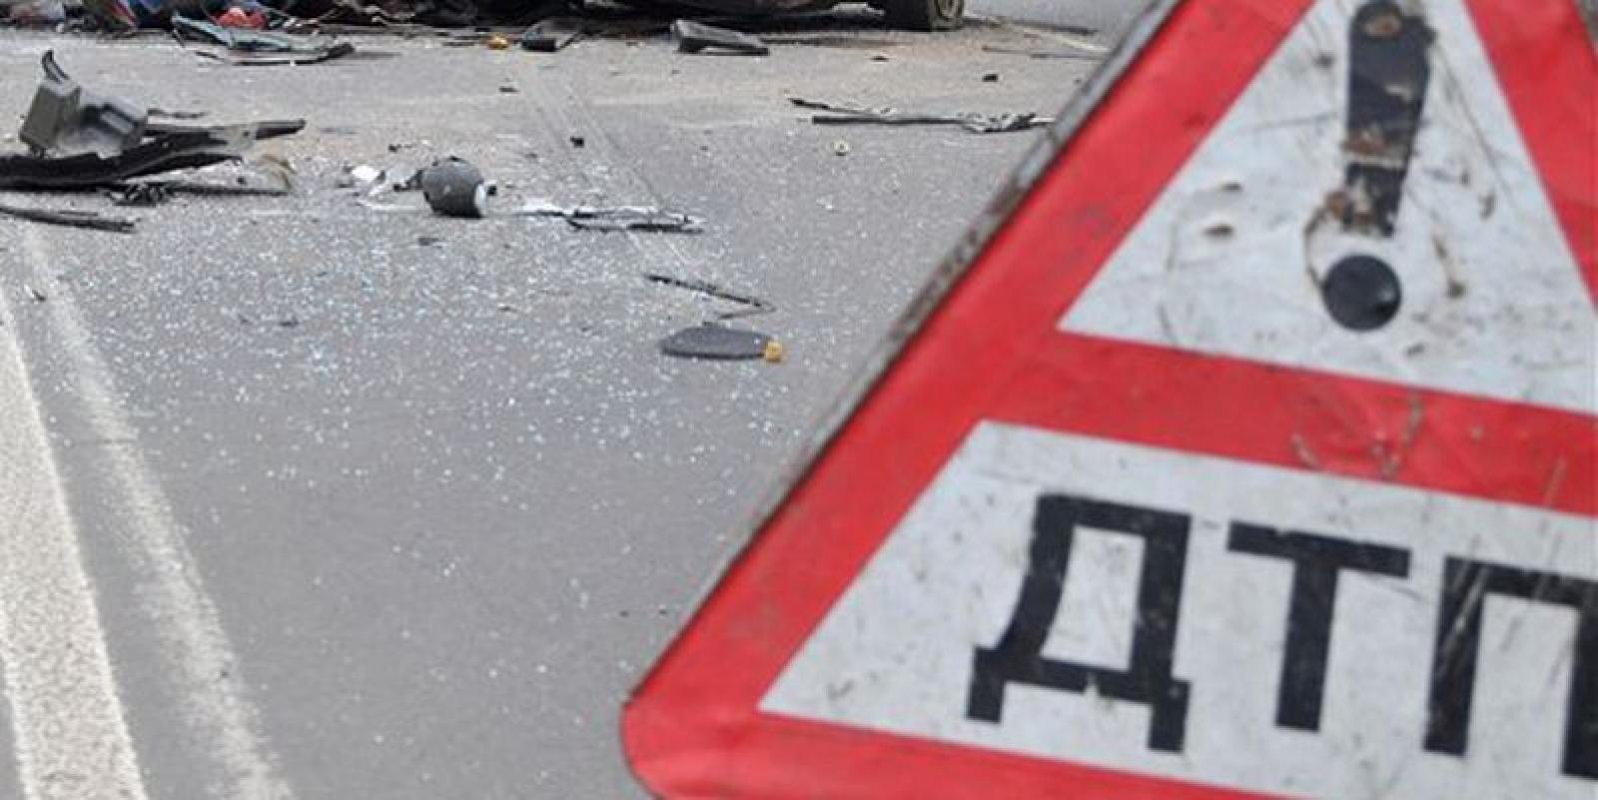 В Крыму авто слетело в кювет и перевернулось: есть пострадавшие